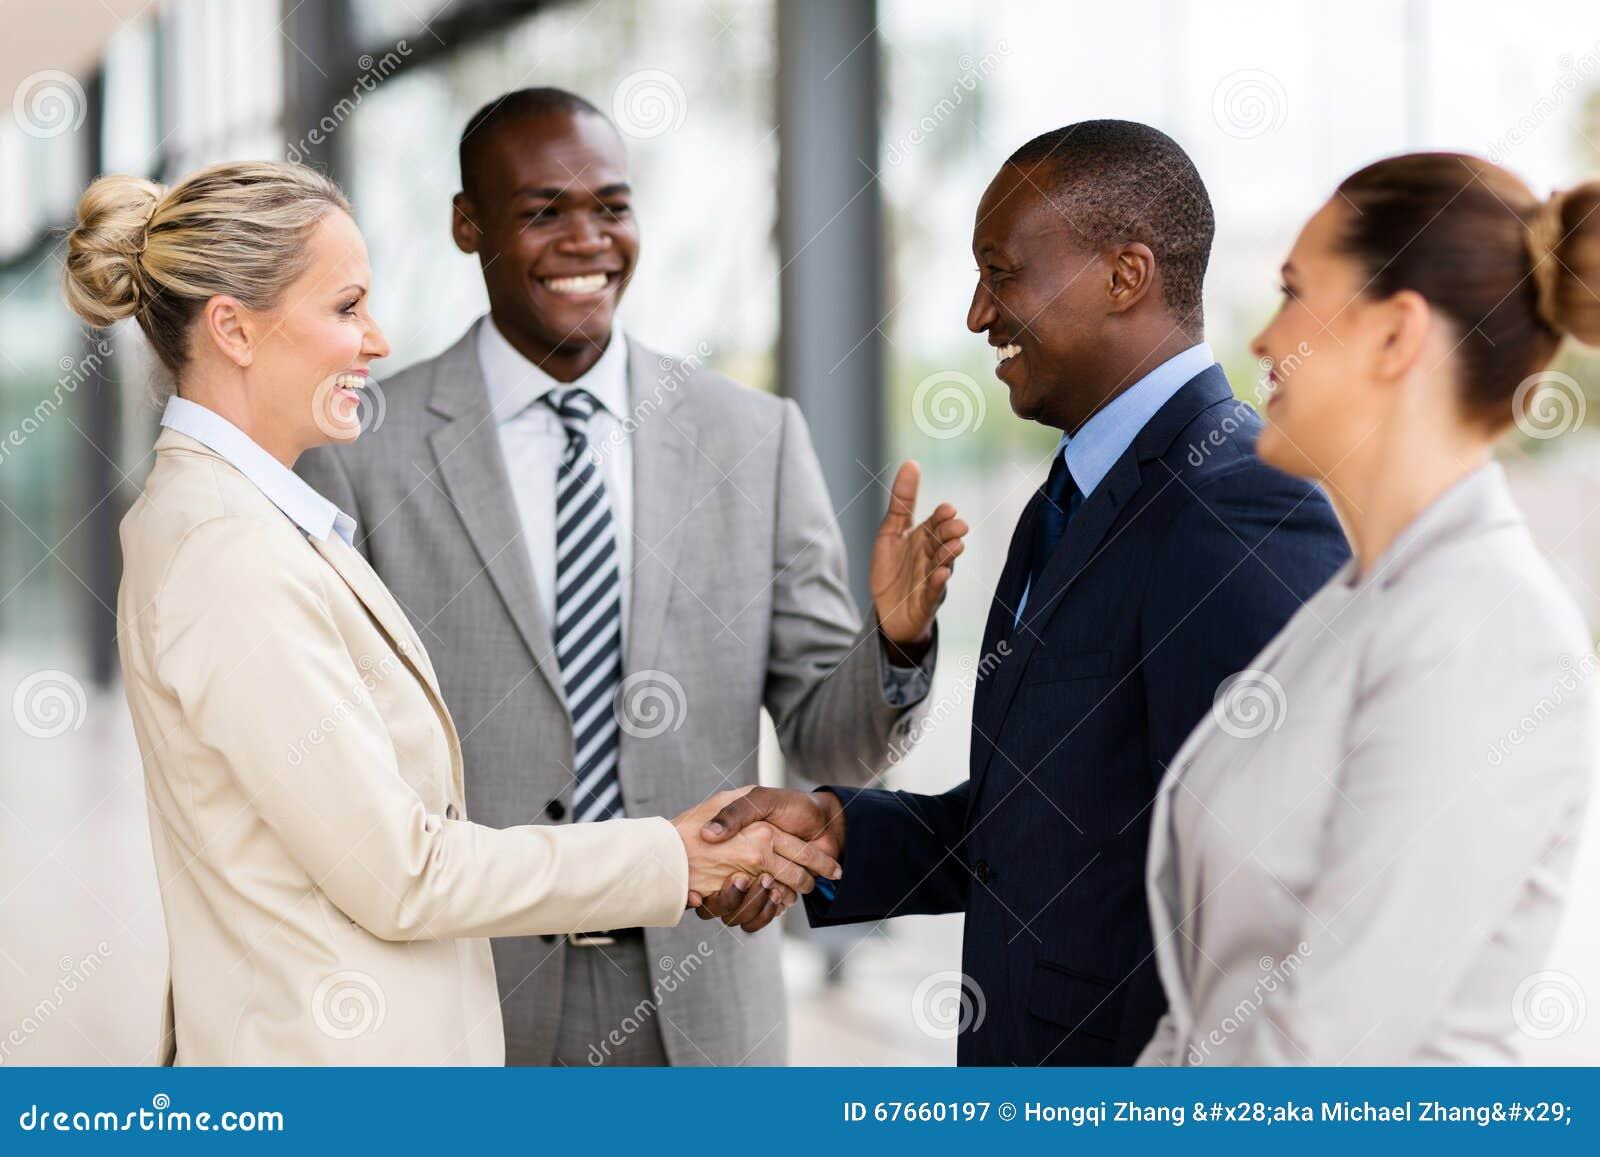 Afrikanischer Mann, der Geschäftsfrau vorstellt